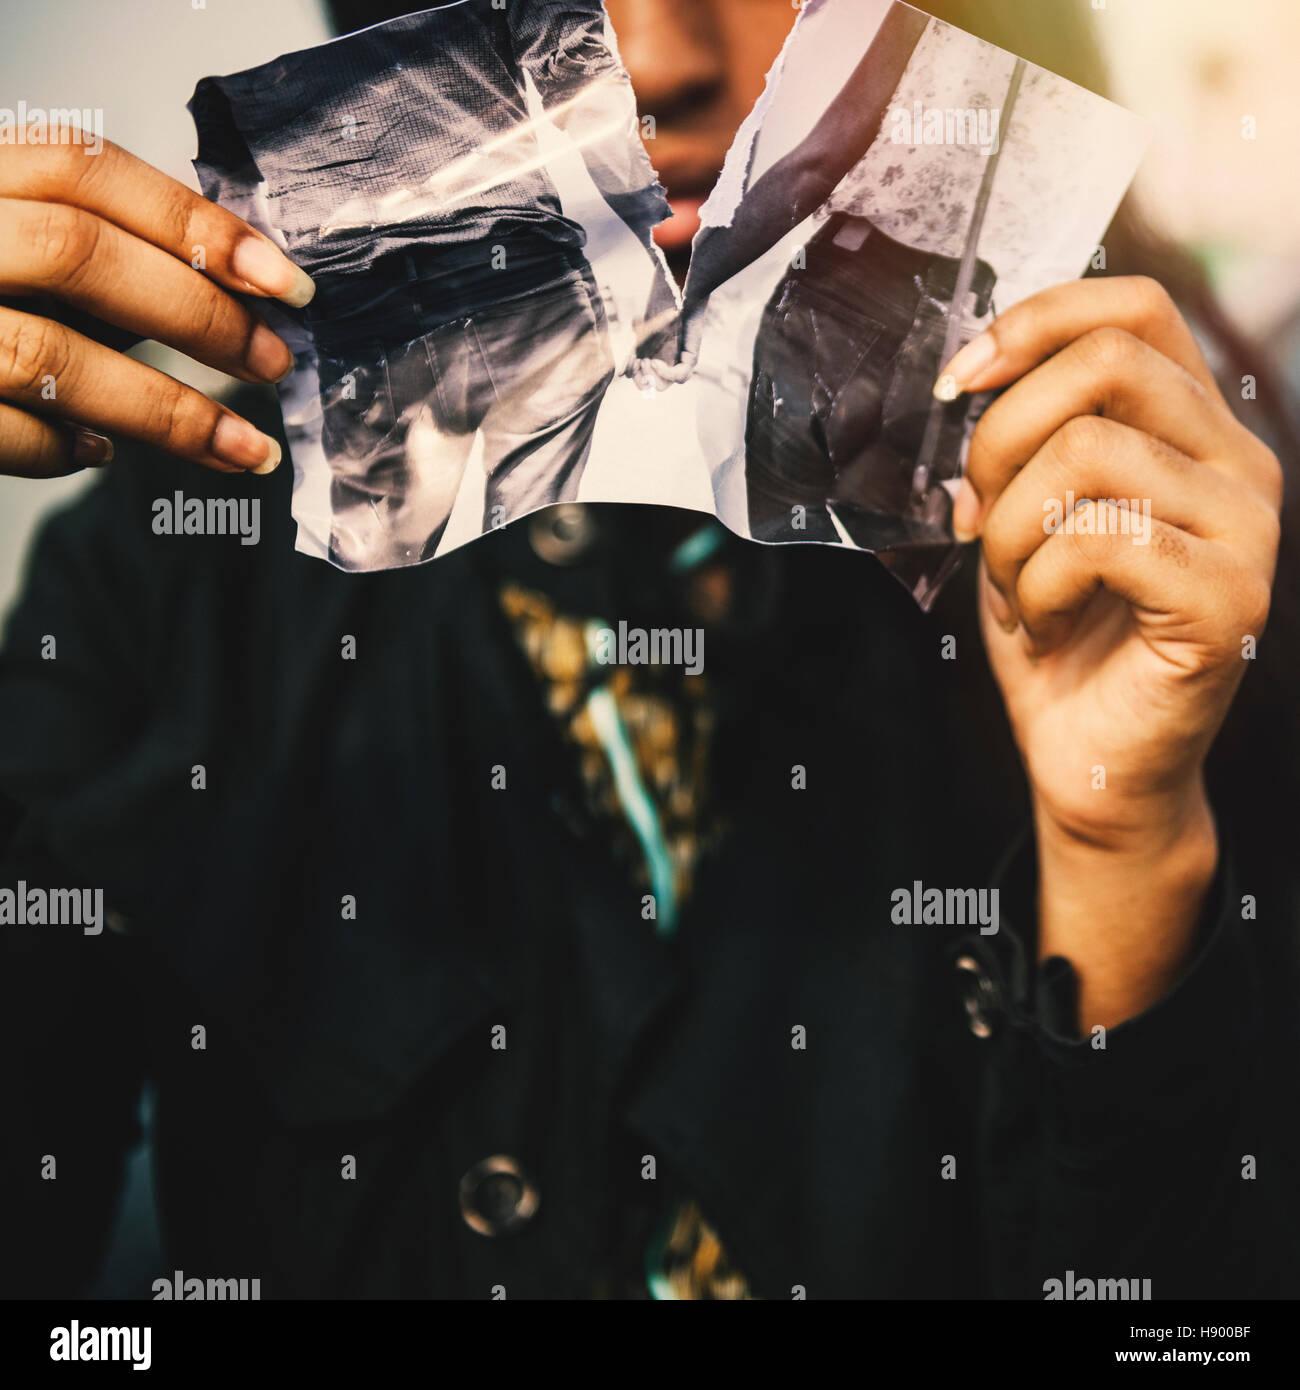 Girl Heartbroken Rip Photo Concept - Stock Image